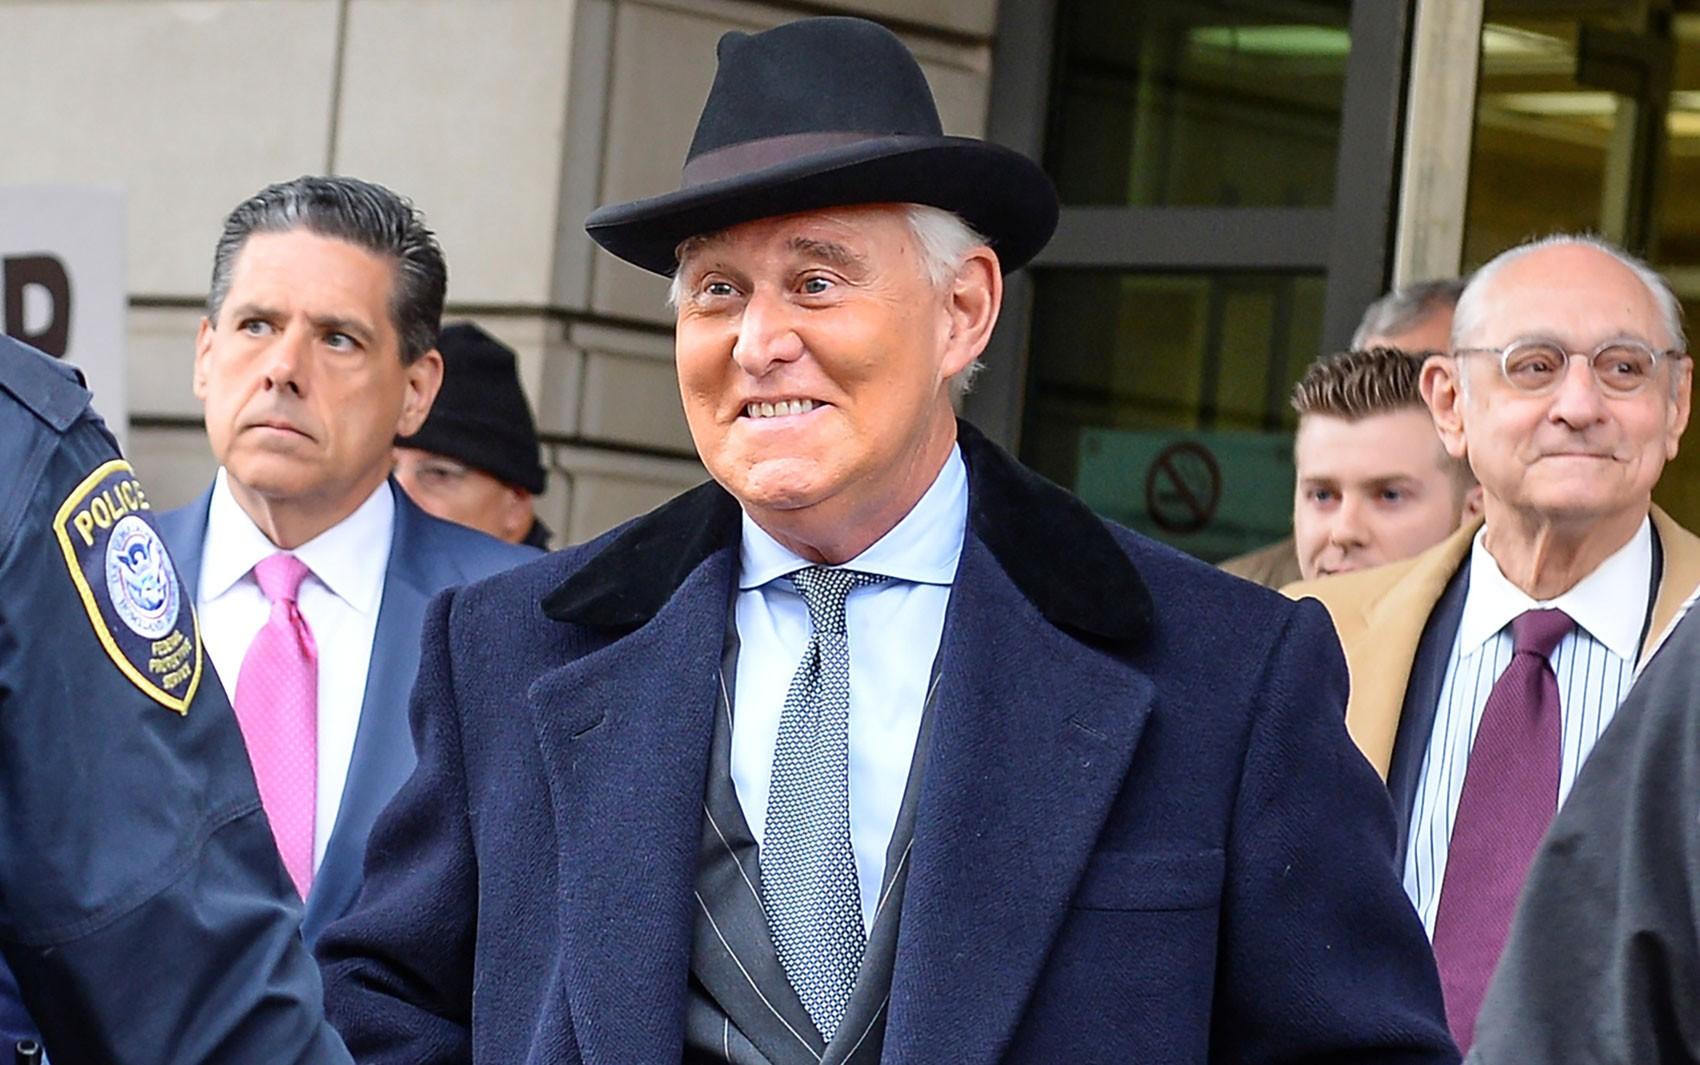 Roger Stone, amigo de Trump condenado a 3 anos de prisão, deve ser preso no dia 14